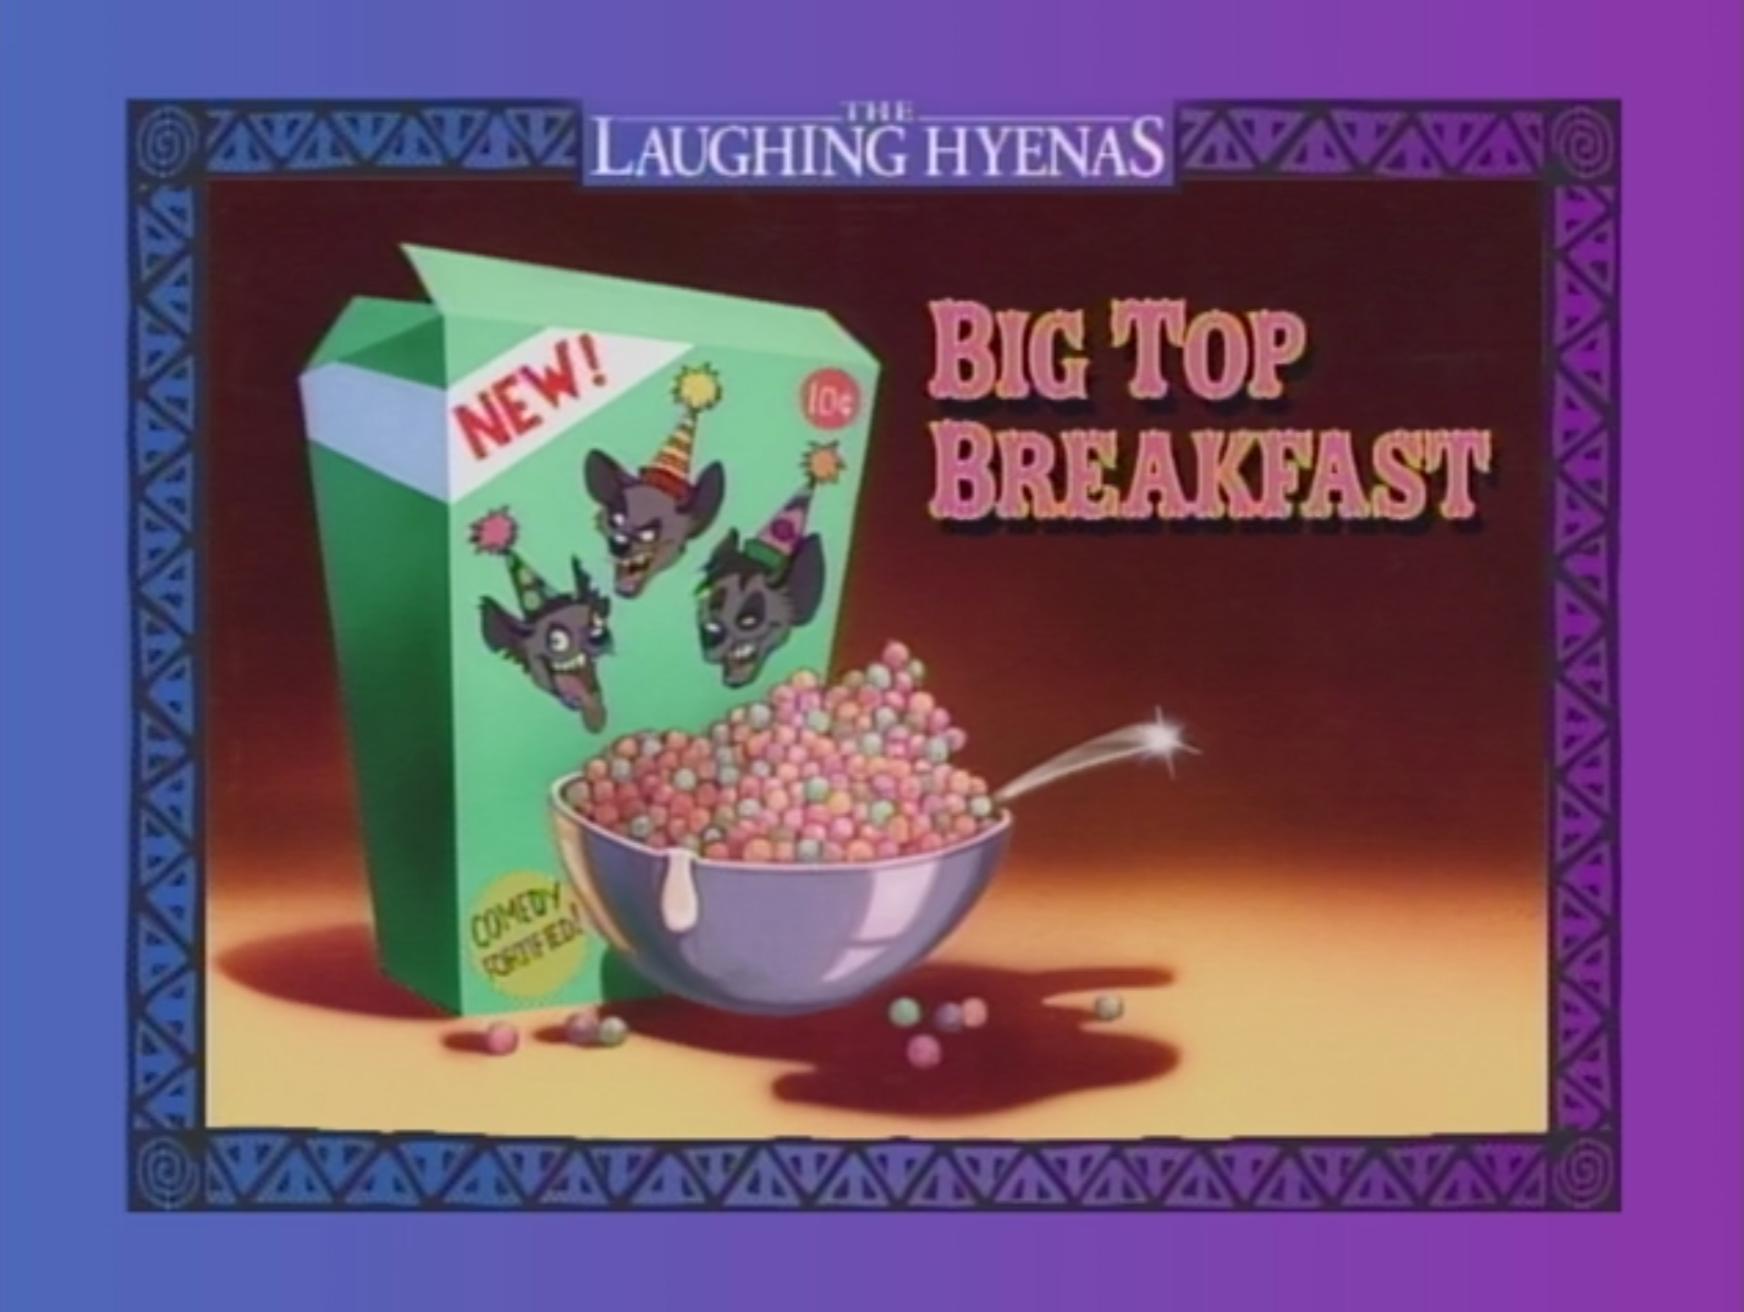 Big Top Breakfast